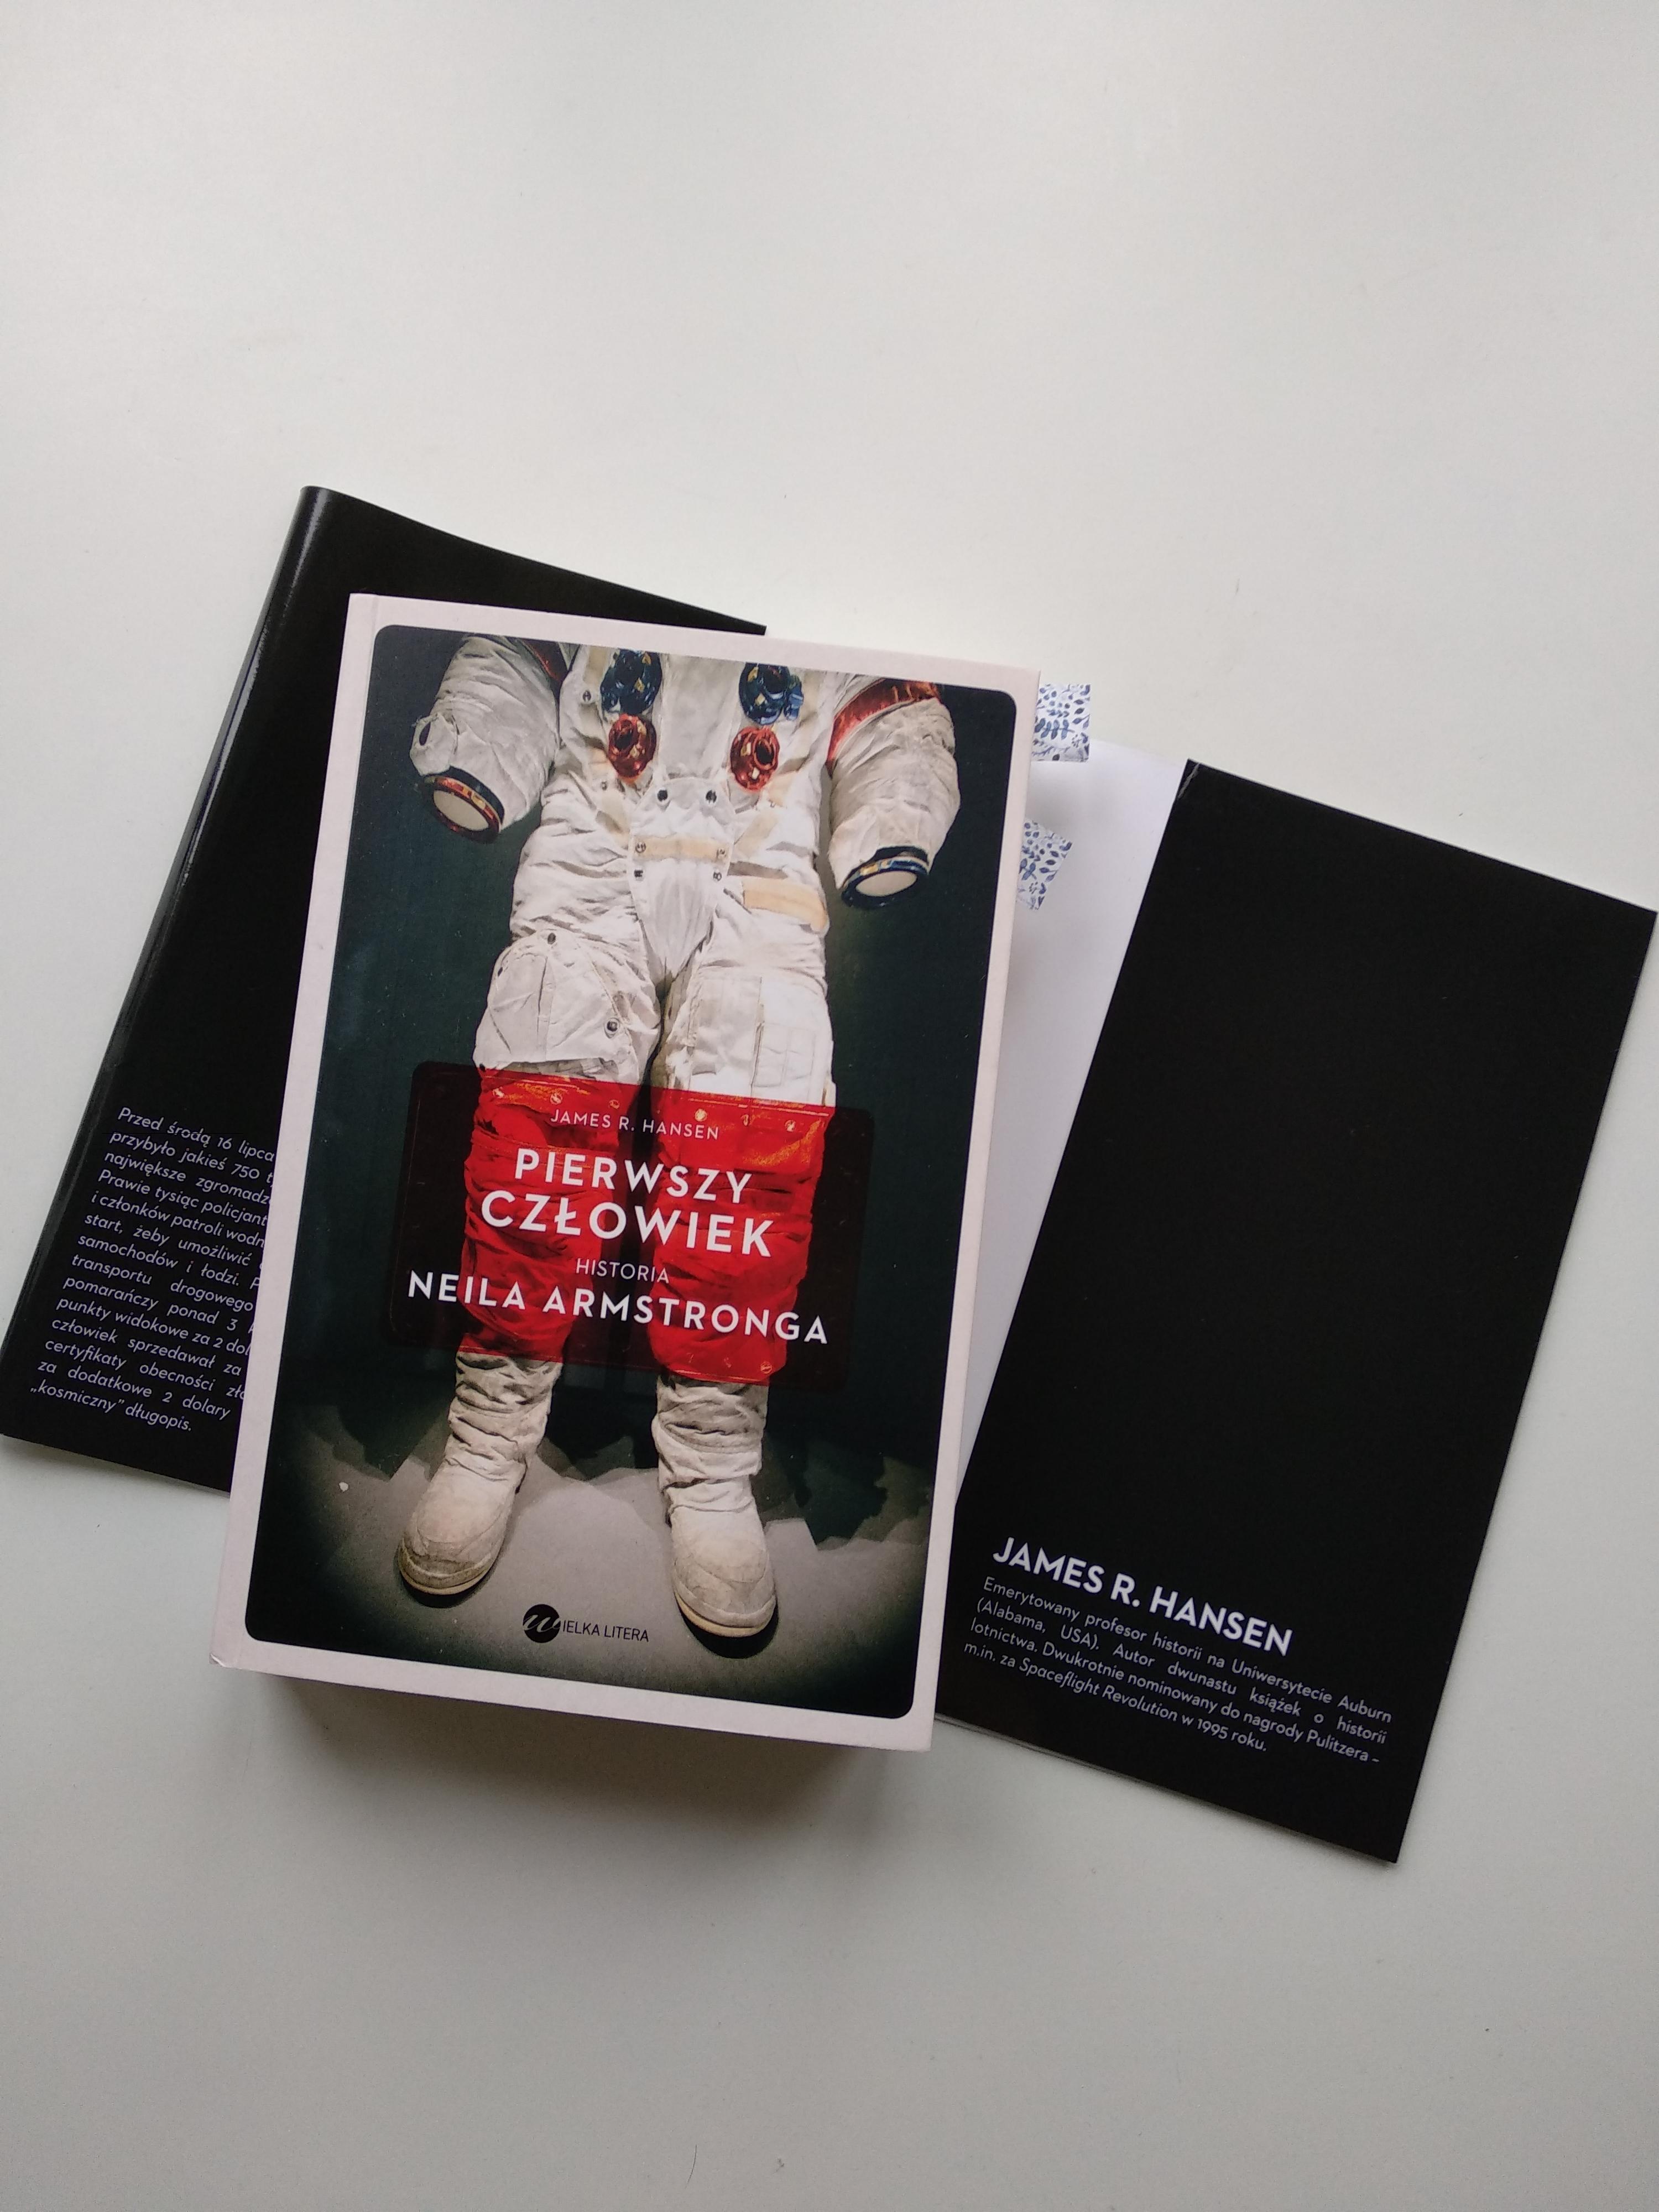 Pierwszy człowiek biografia Neila Armstronga